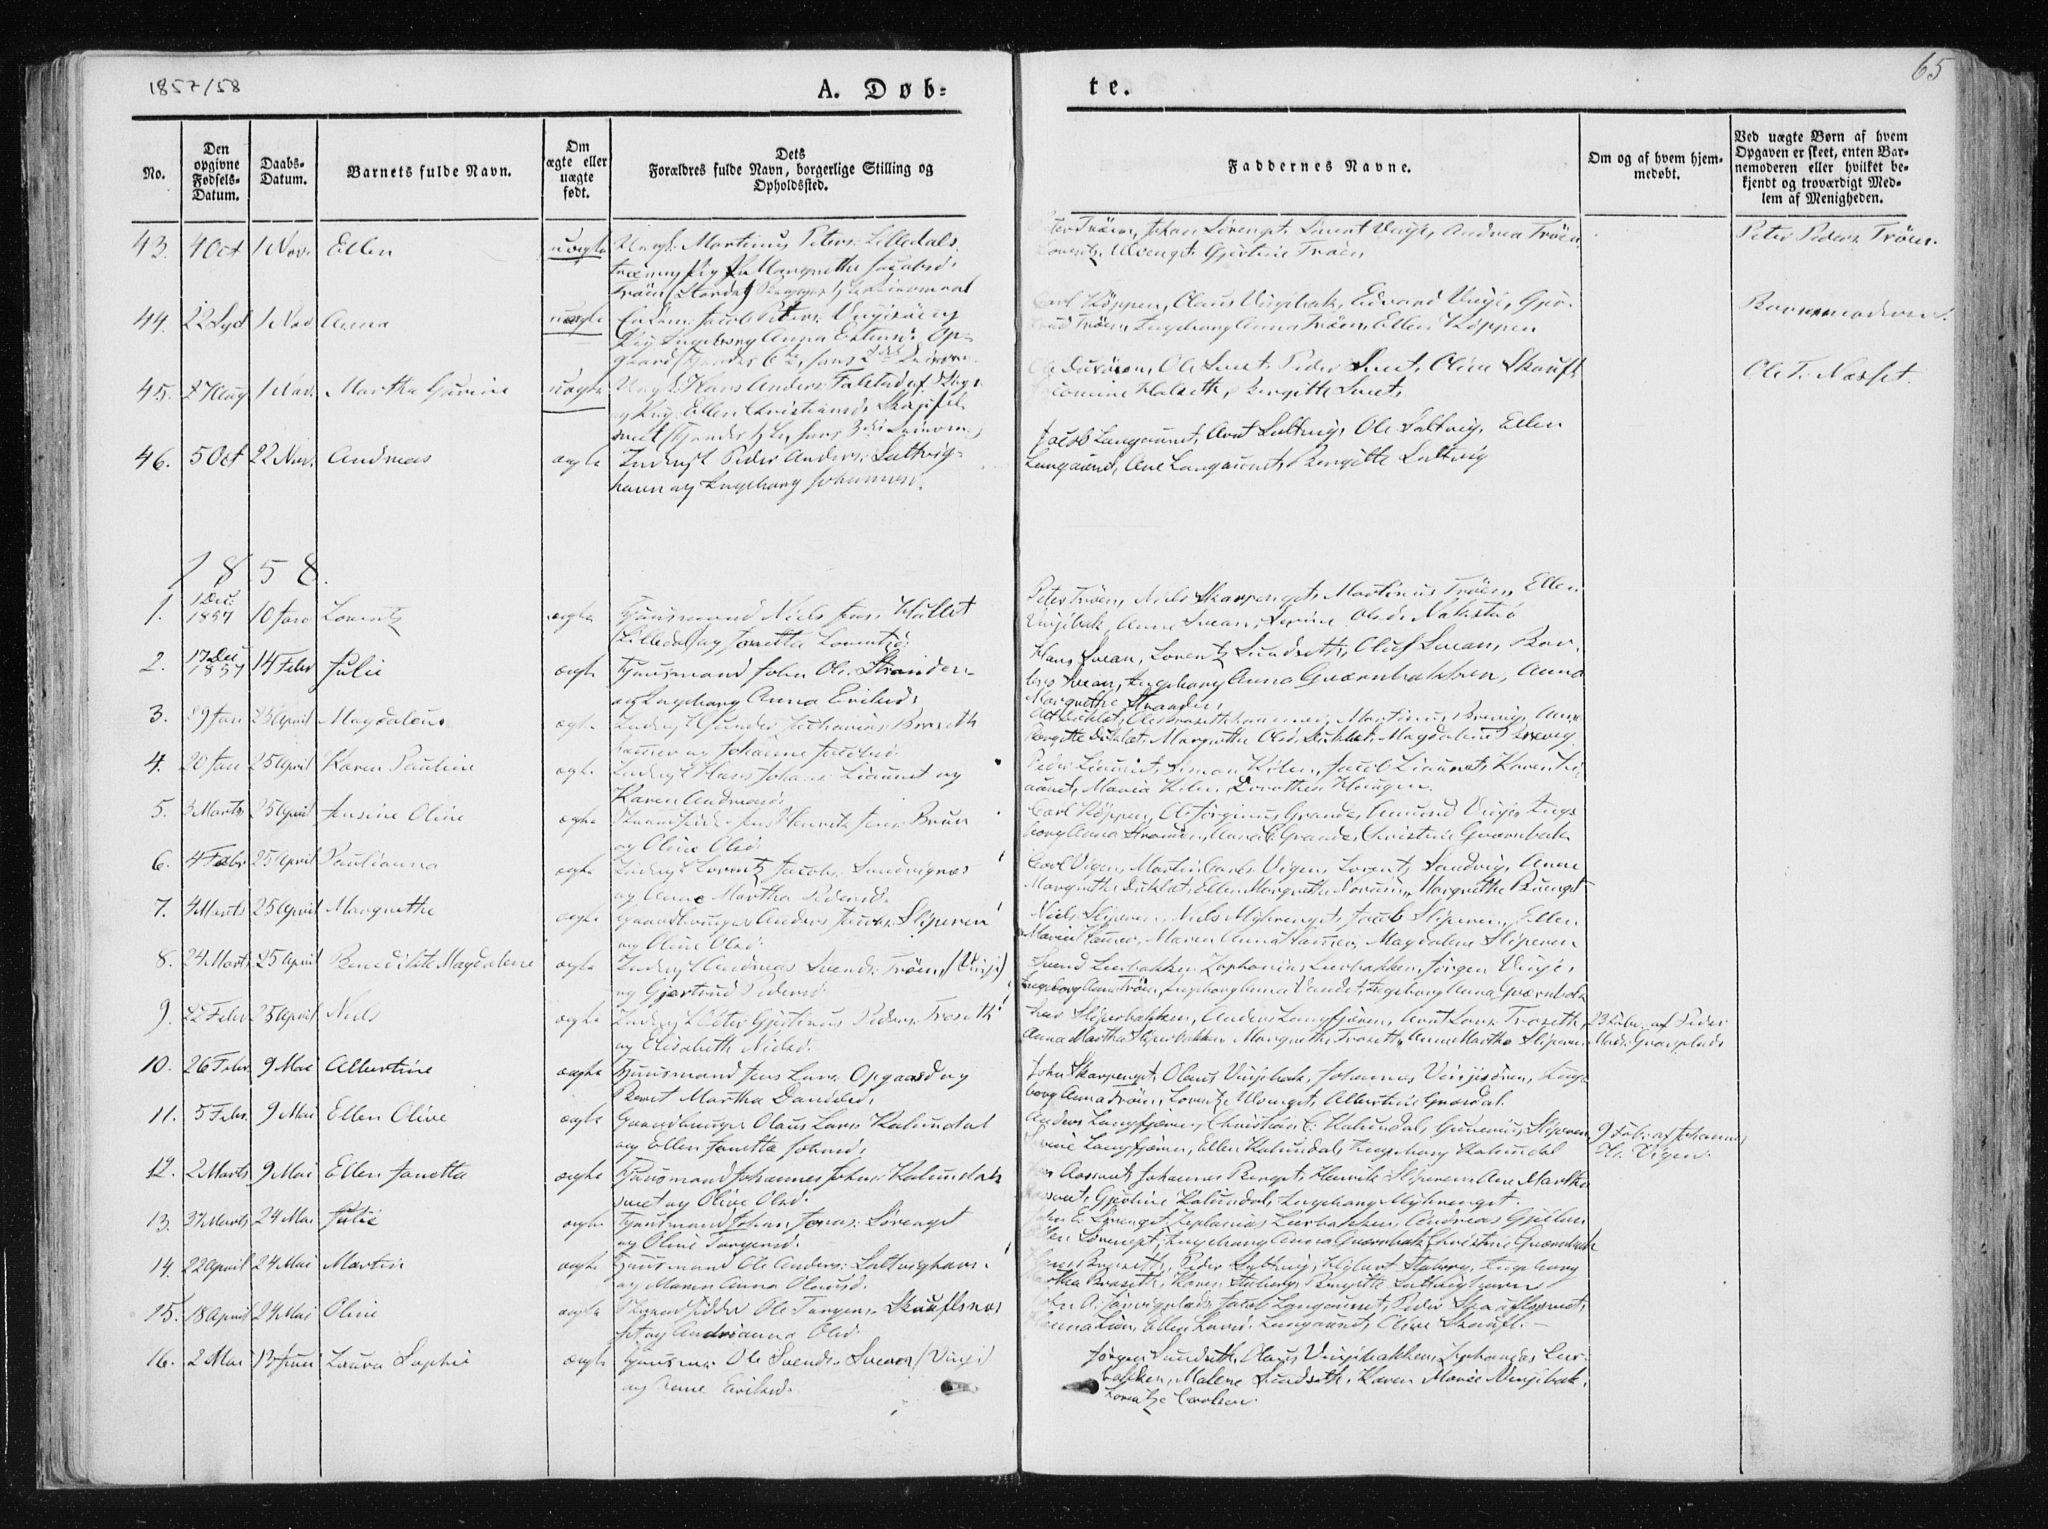 SAT, Ministerialprotokoller, klokkerbøker og fødselsregistre - Nord-Trøndelag, 733/L0323: Ministerialbok nr. 733A02, 1843-1870, s. 65